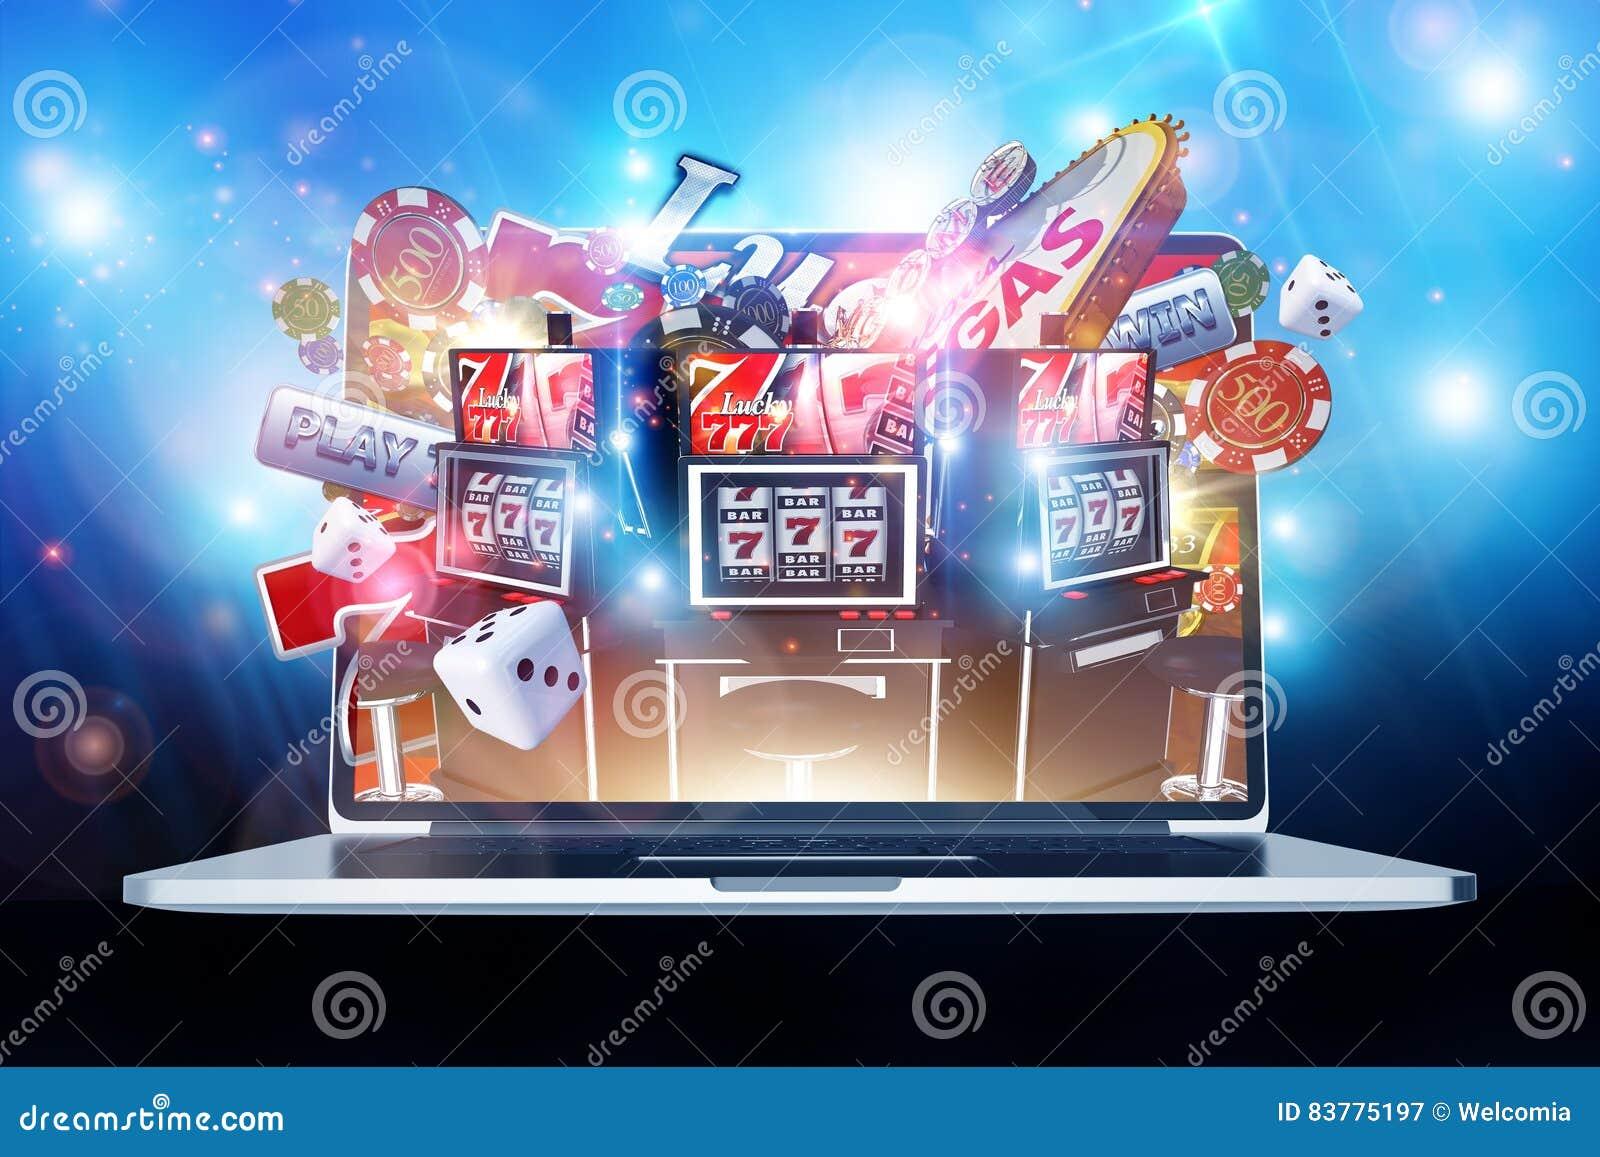 Скачать бесплатно флеш-игру игровые автоматы